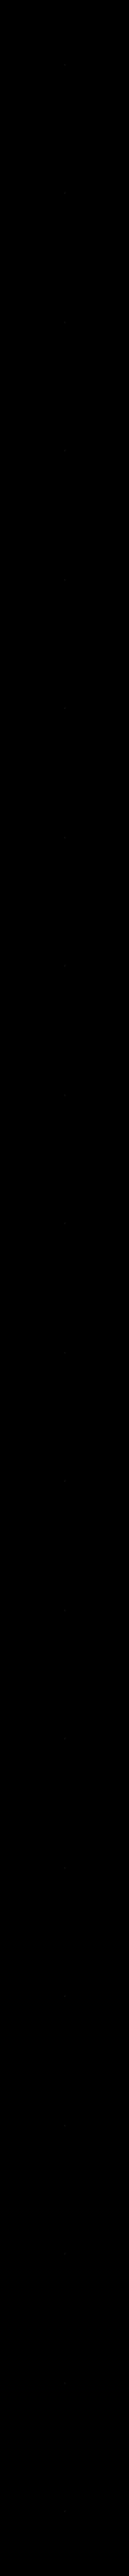 janus.obj Télécharger fichier OBJ gratuit Janus, Saturne X Lune • Plan à imprimer en 3D, terraprint